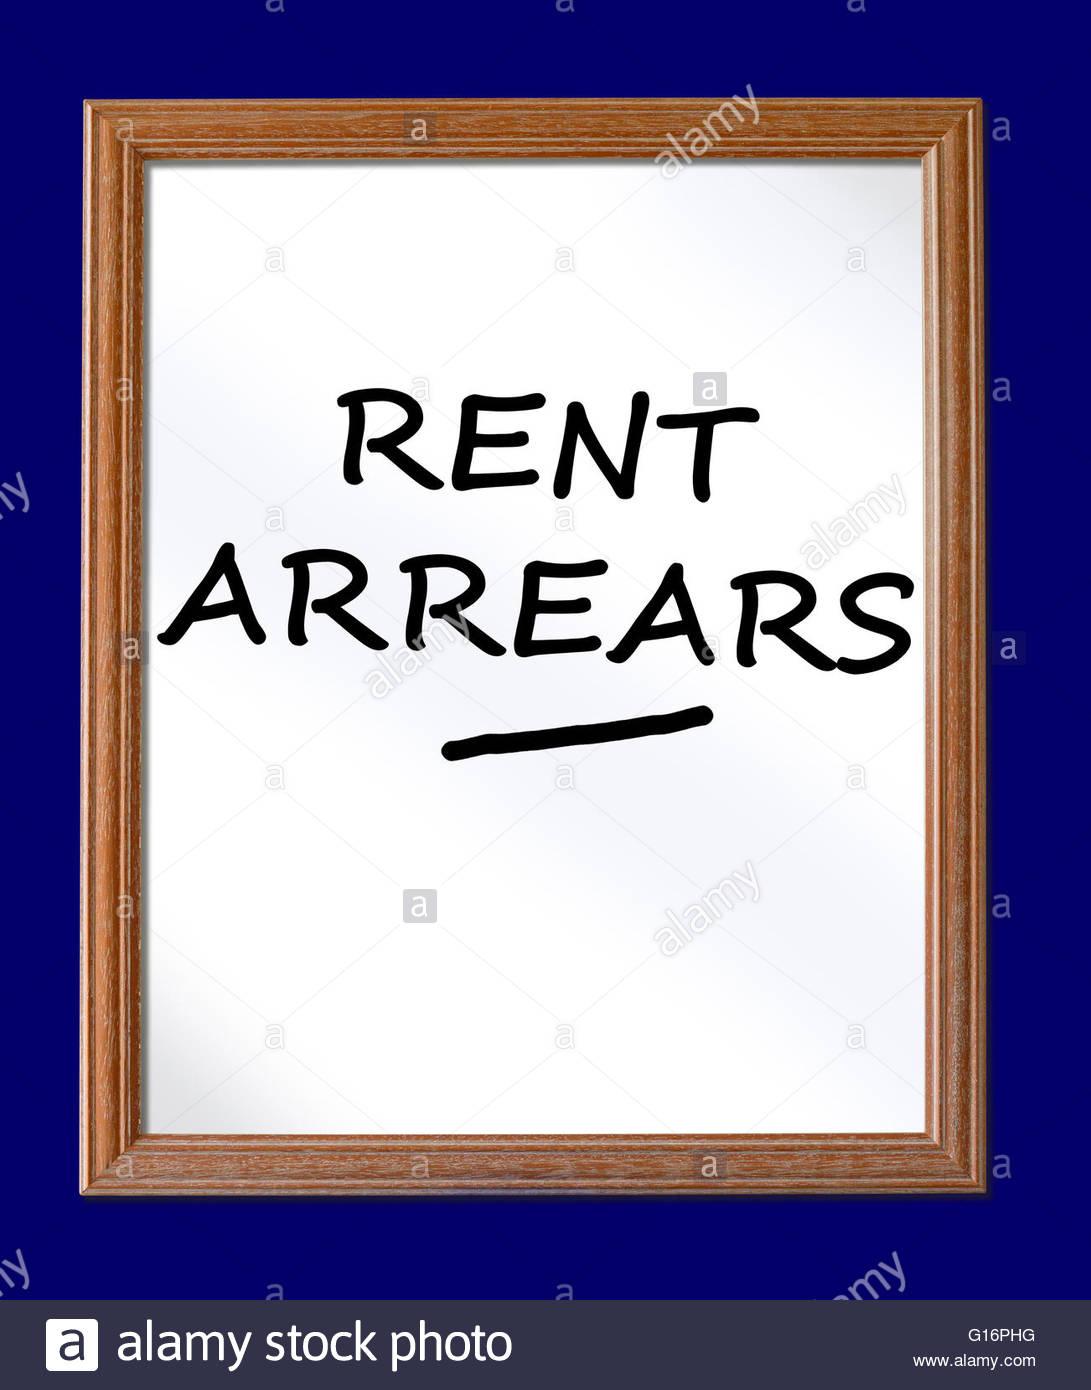 Rent arrears written on a chalkboard, Dorset, England, UK - Stock Image